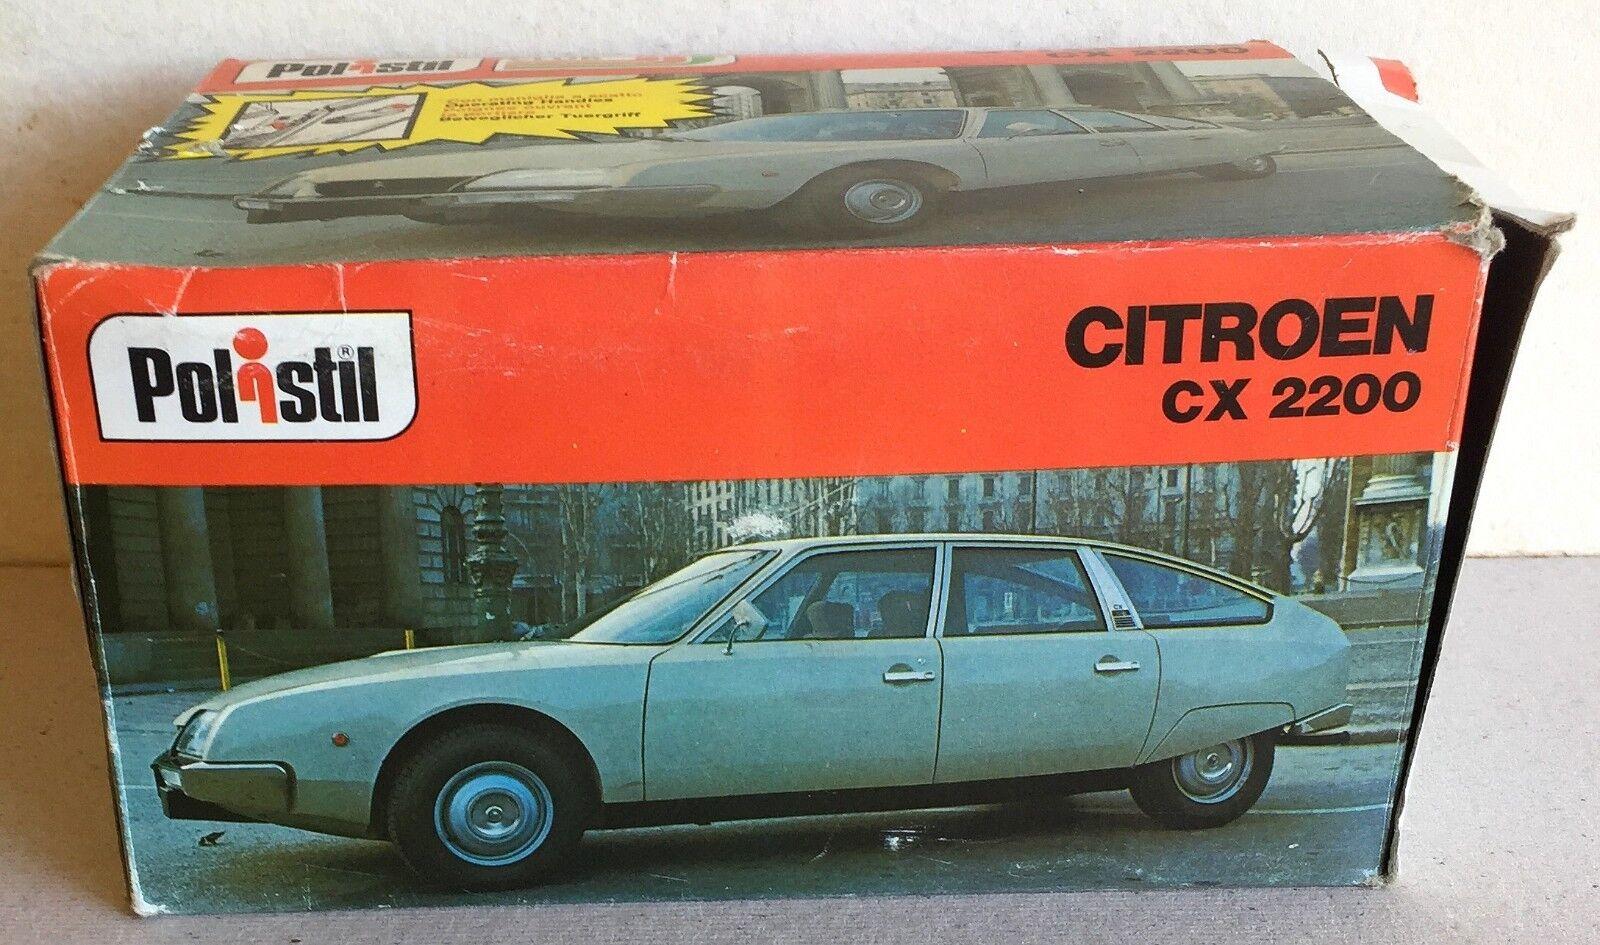 RARE Polistil cod S 38 Citroen CX 2200 1 25ème